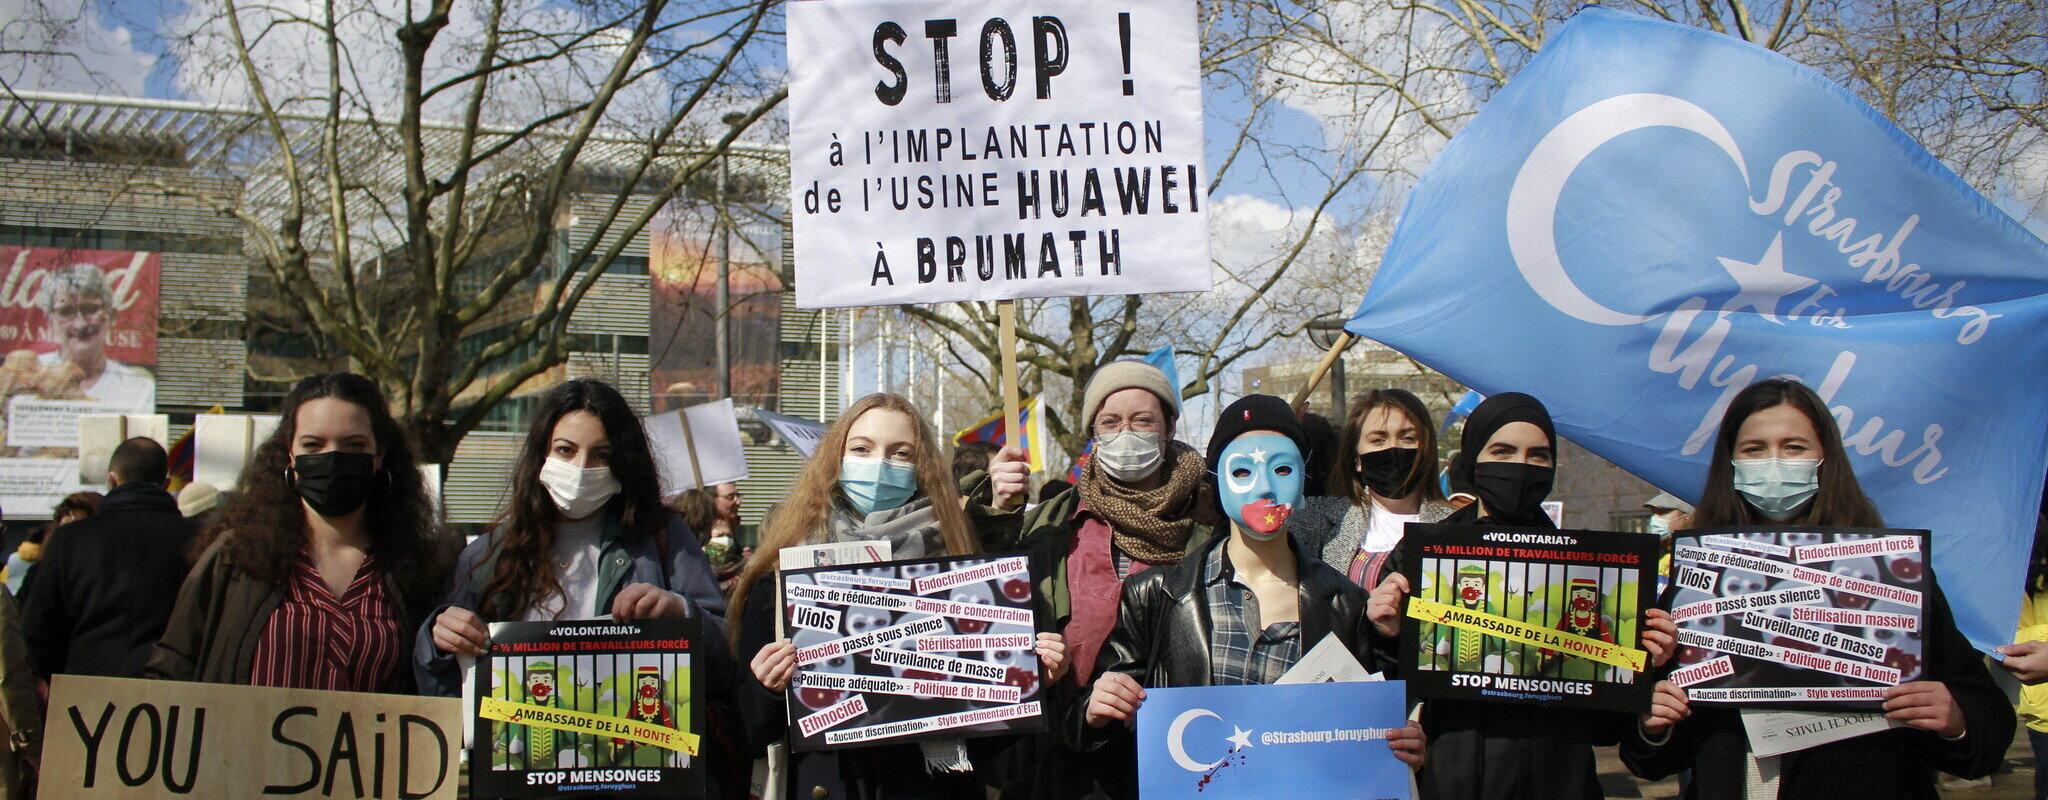 La Région Grand Est interpellée par des manifestants chinois sur l'arrivée de Huawei